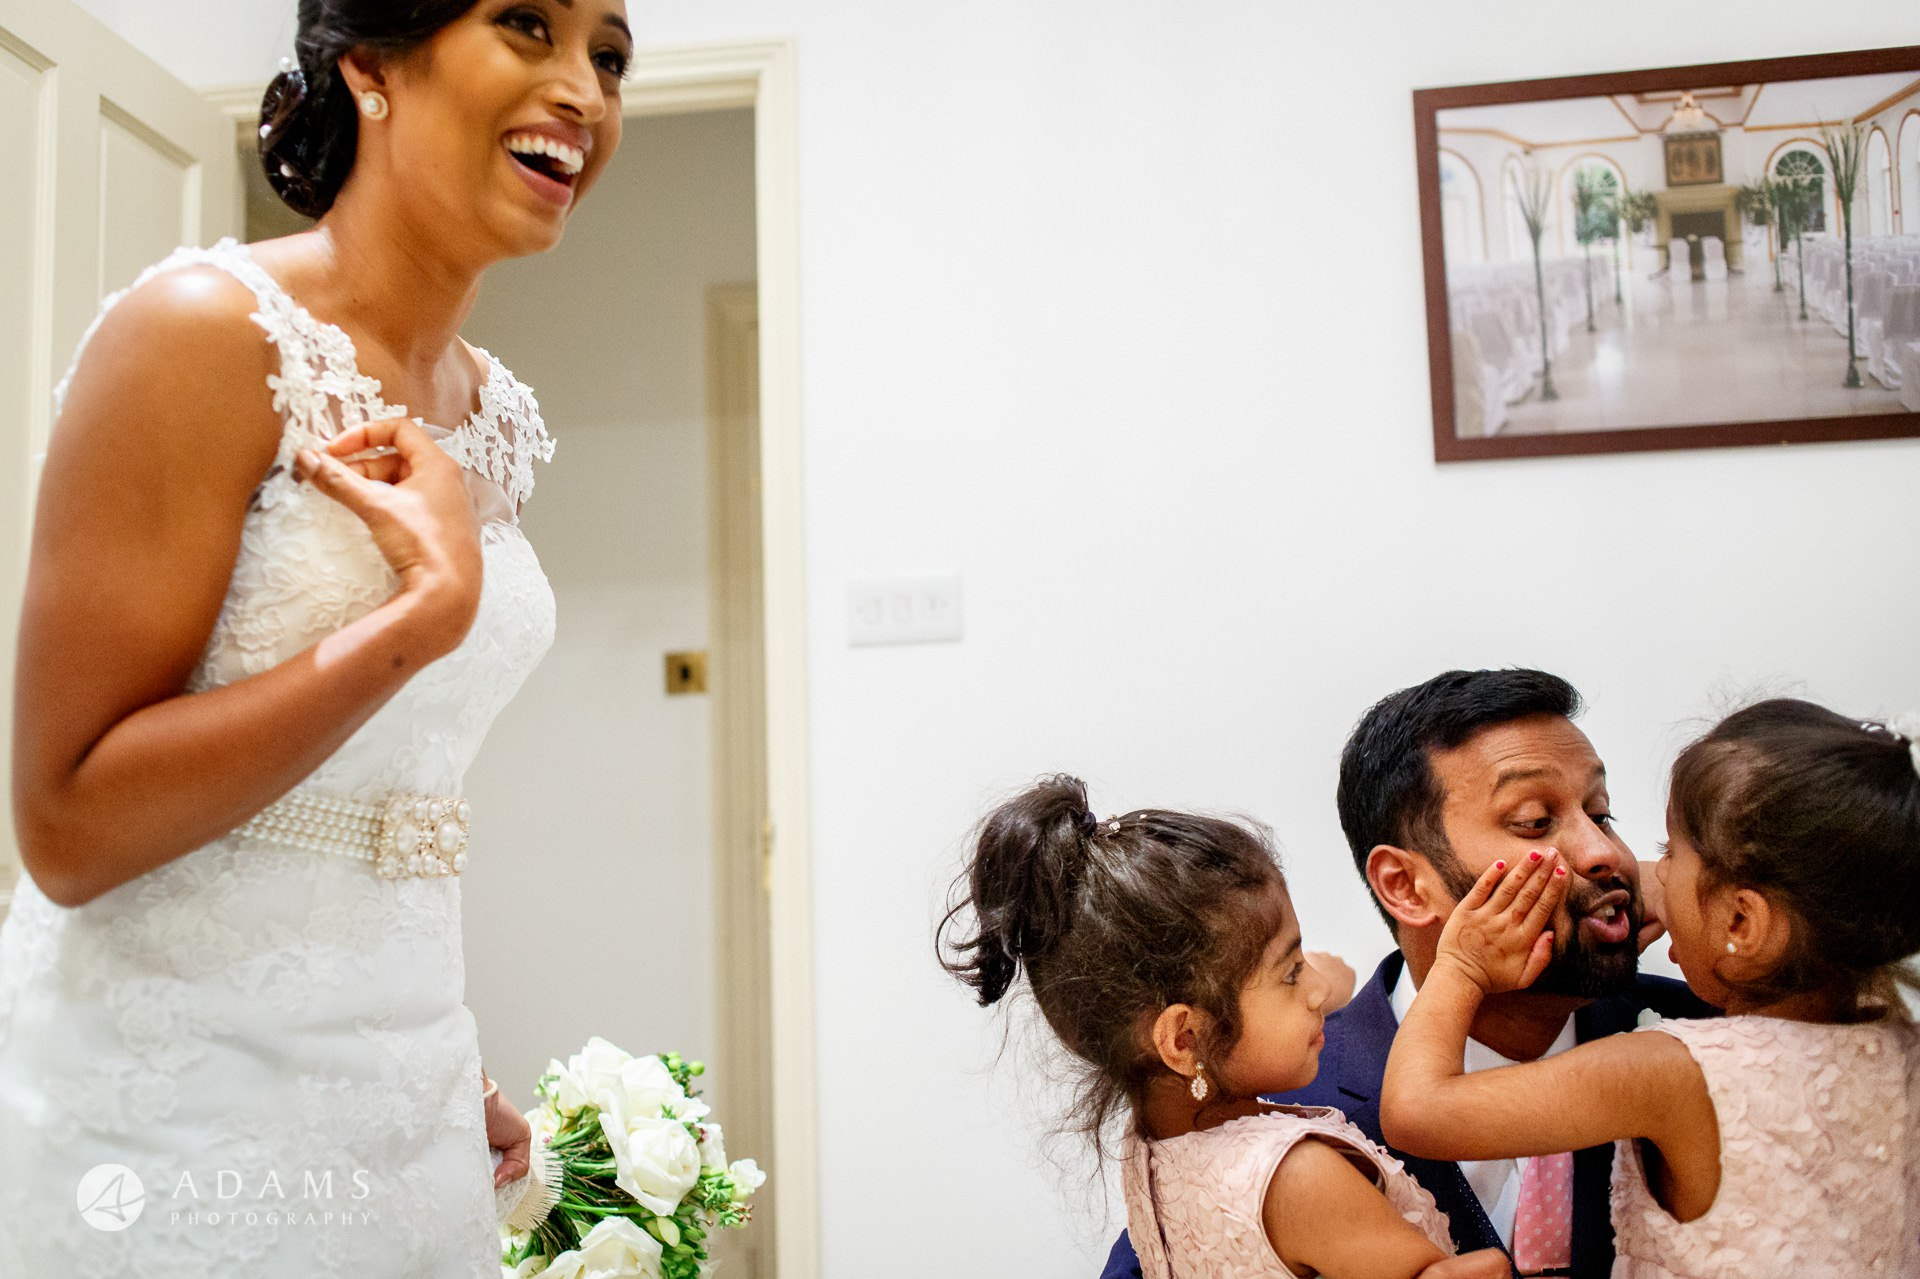 Northbrook Park Wedding Photography   Twa + Len 16